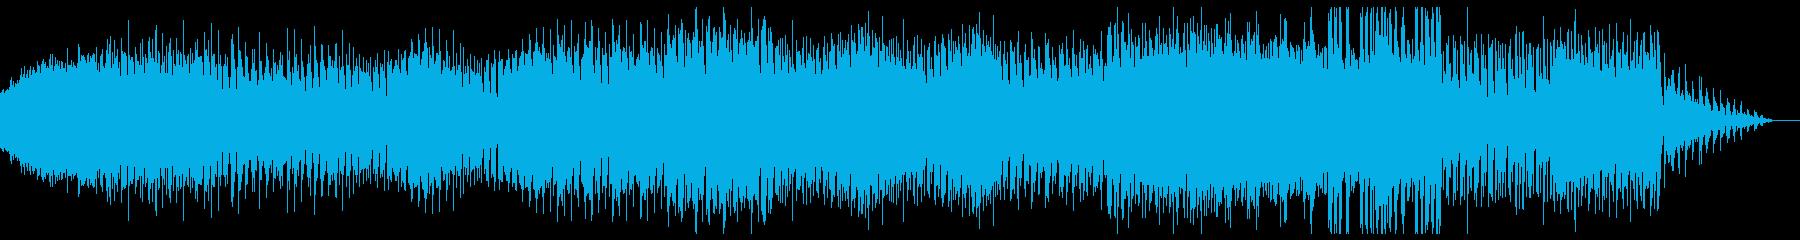 ダンサンブル、シンプルなアナログテクノの再生済みの波形